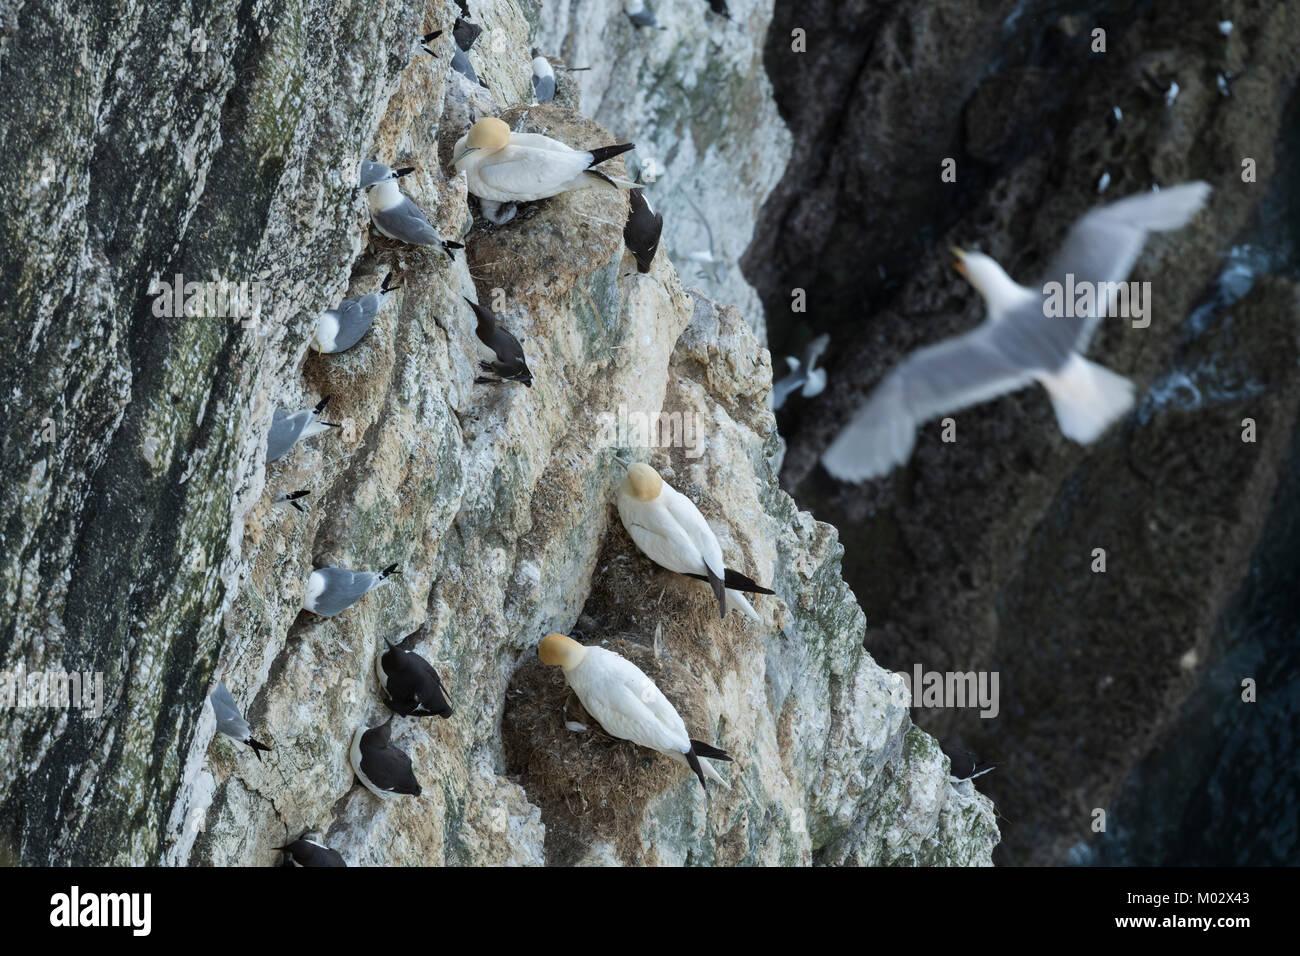 Hohe Aussicht auf 3 verschiedene Seevögel (basstölpel Trottellumme dreizehenmöwe) Verschachtelung Stockbild